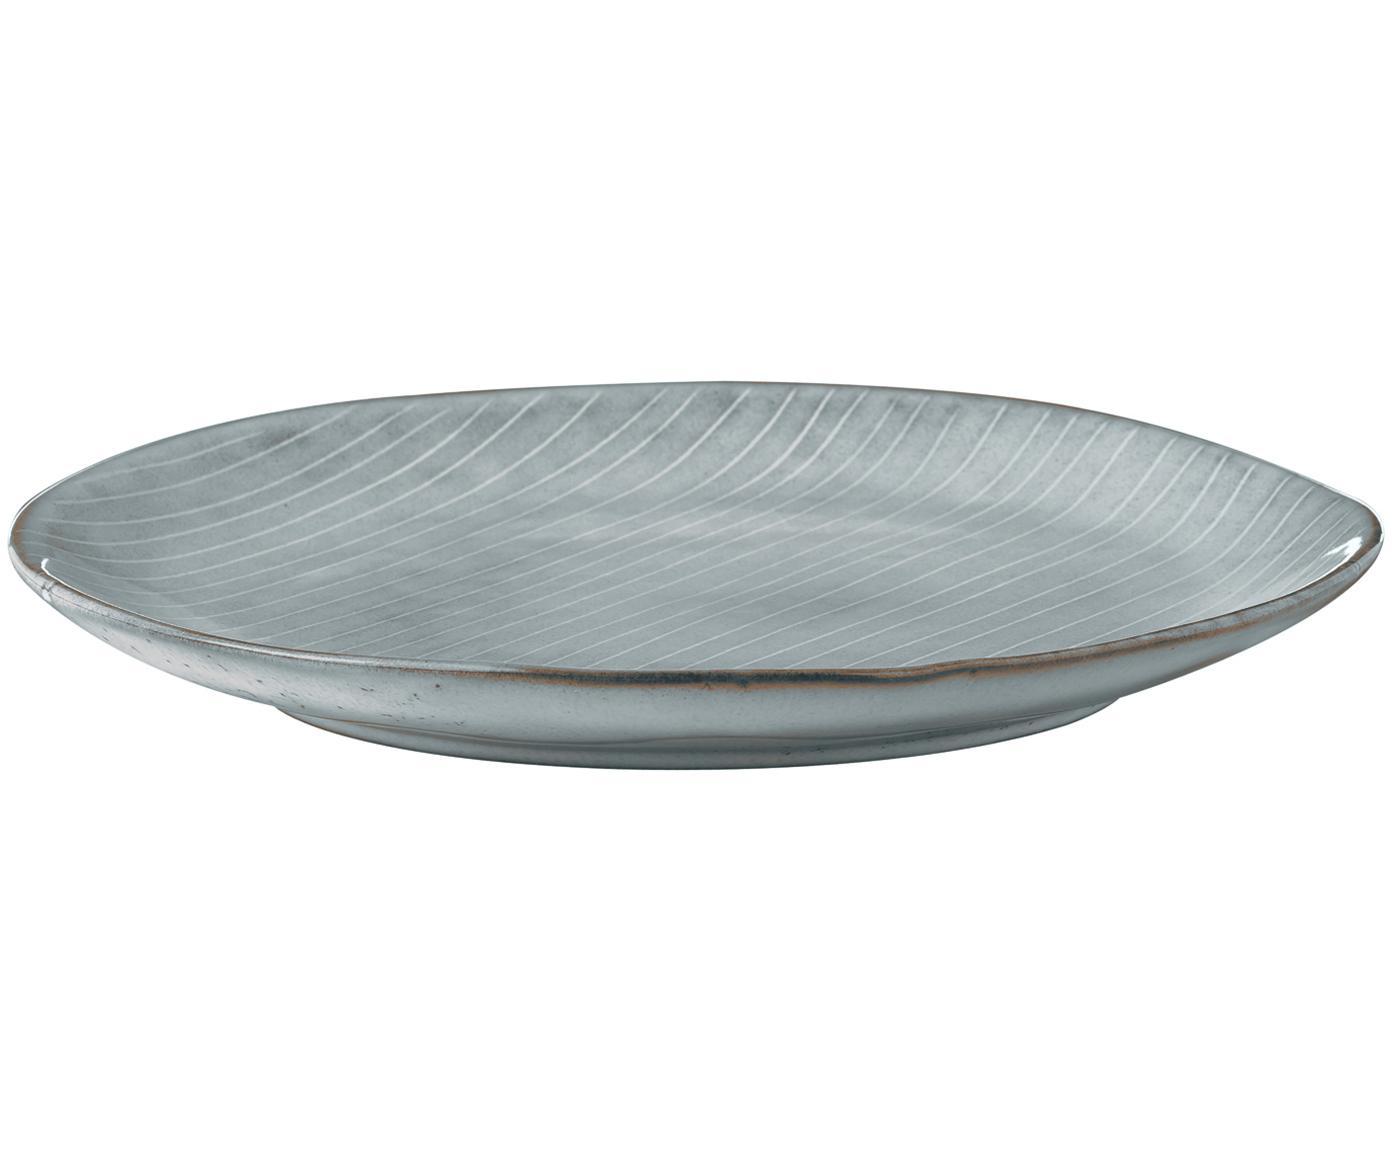 Handgemachte Frühstücksteller Nordic Sea, 4 Stück, Steingut, Grau- und Blautöne, Ø 20 x H 3 cm